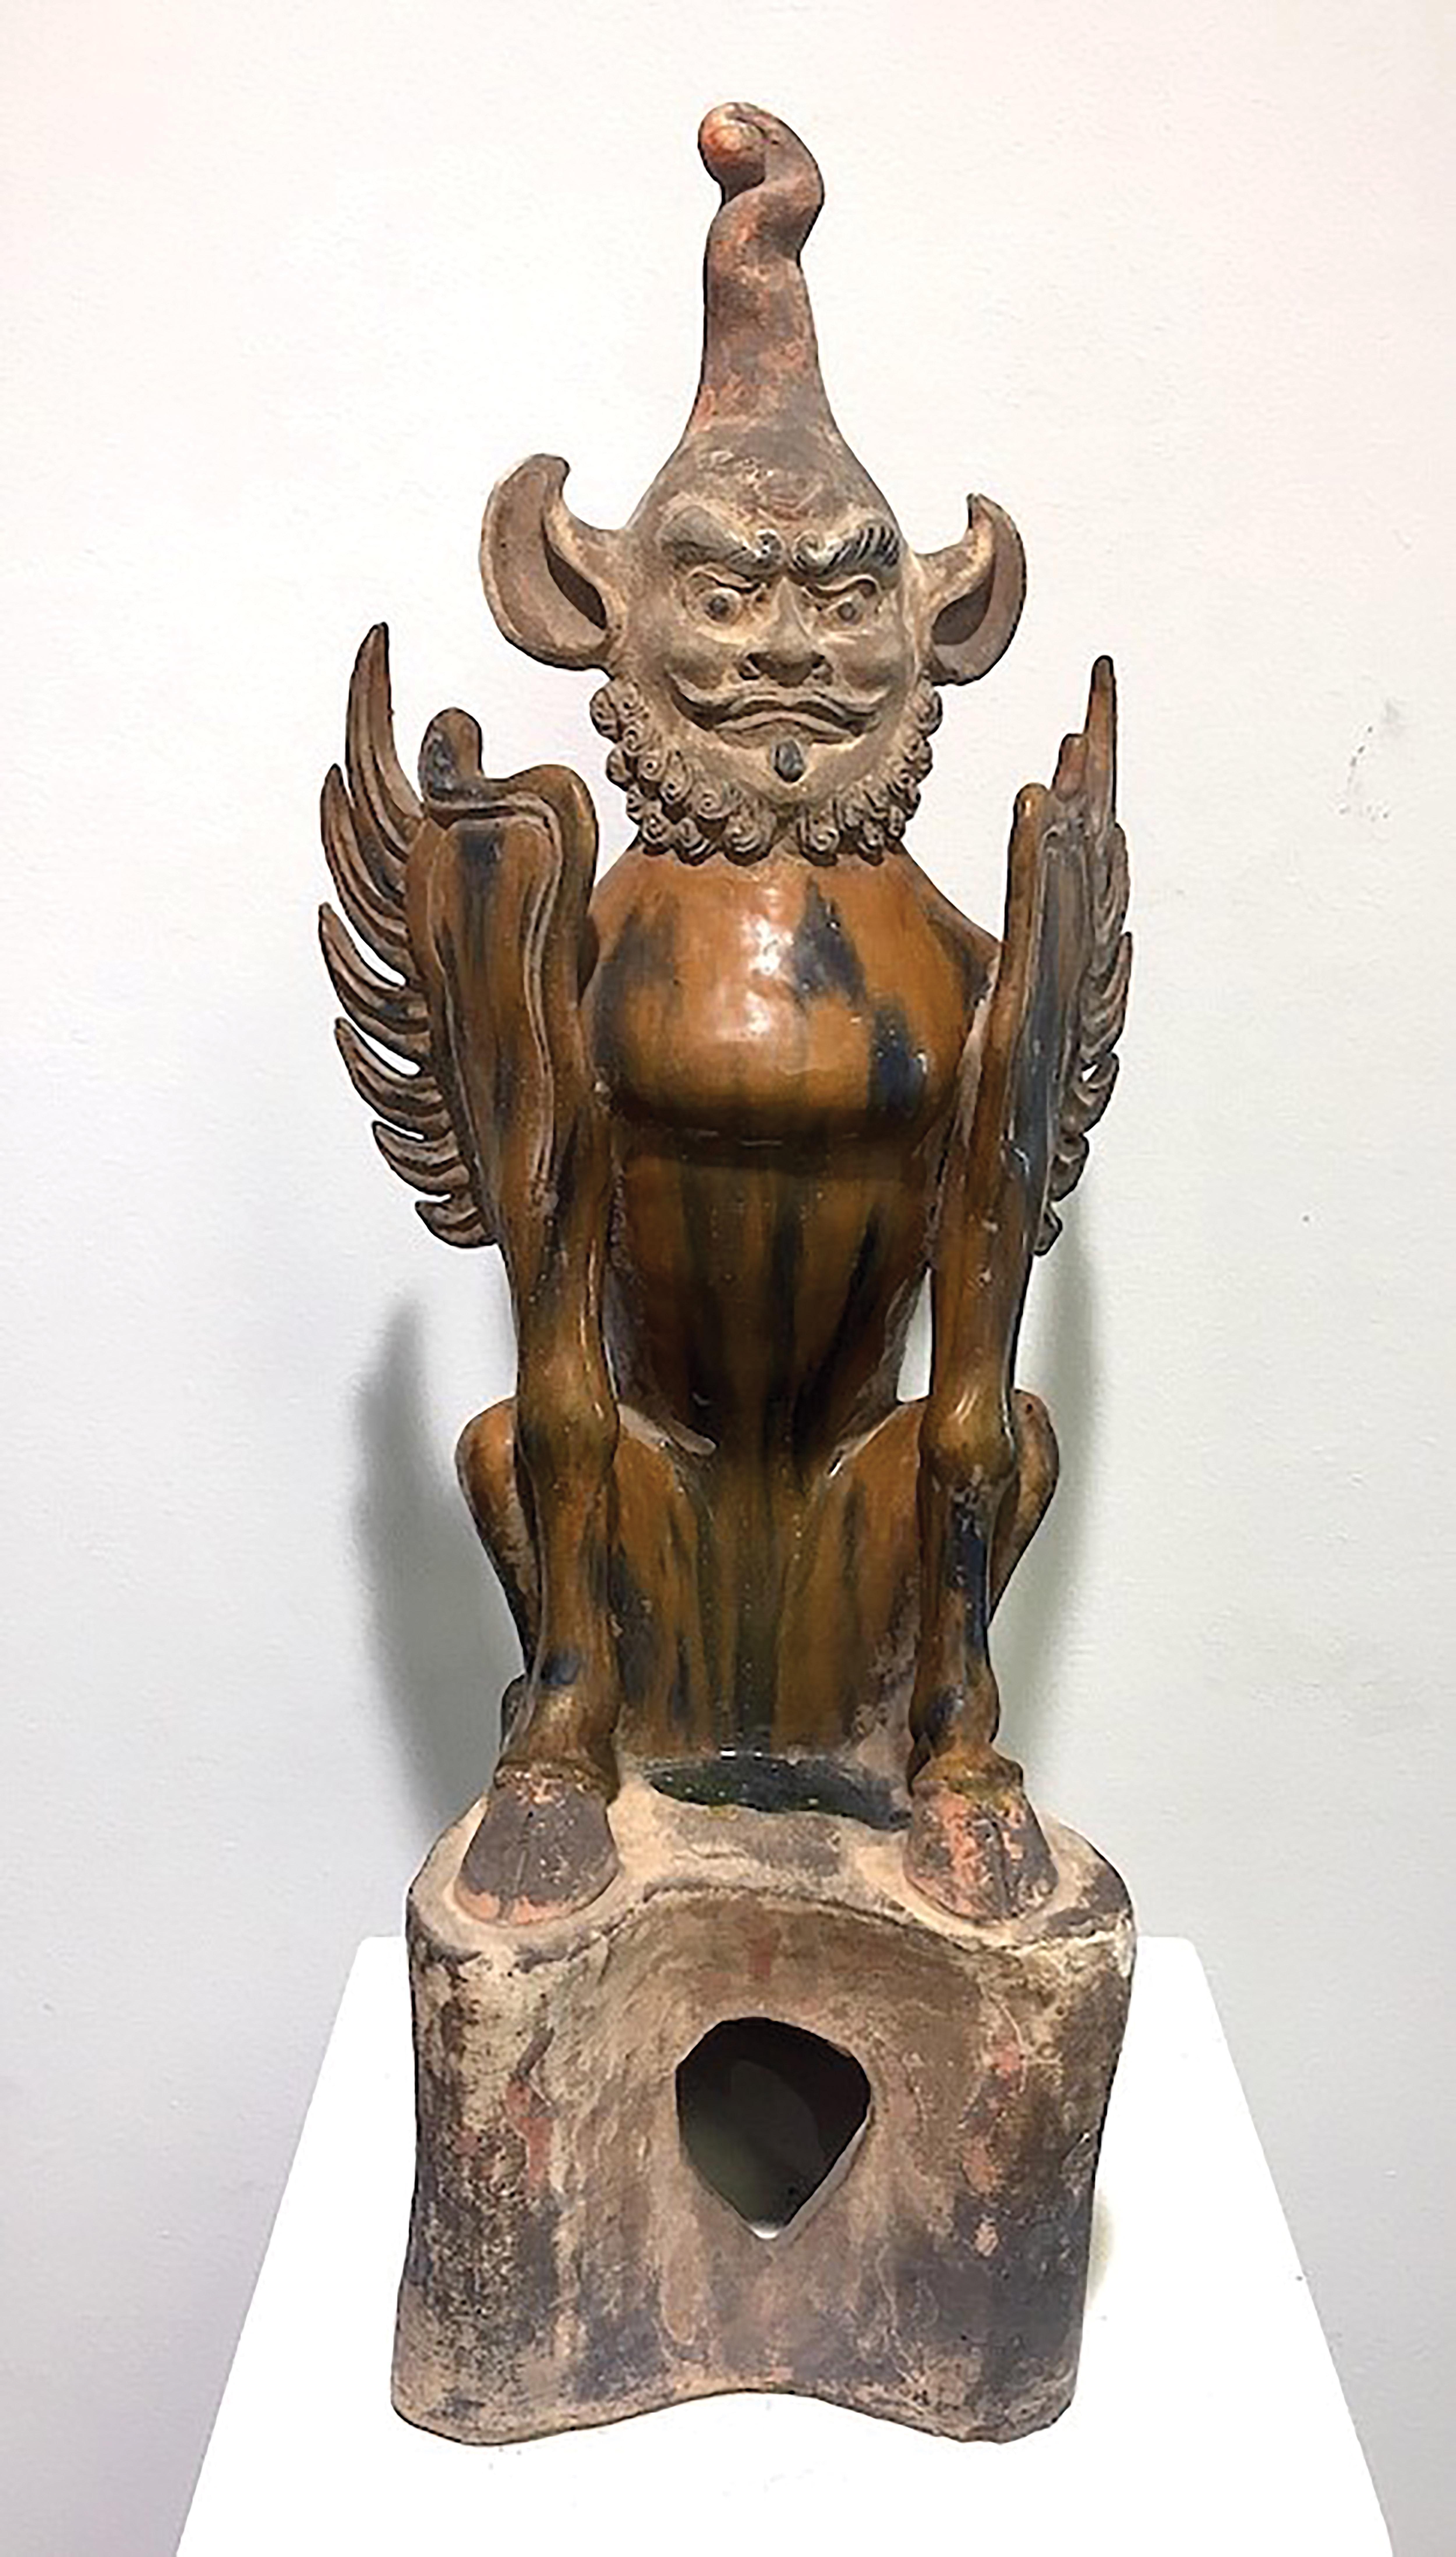 Esprit gardien de sépulture